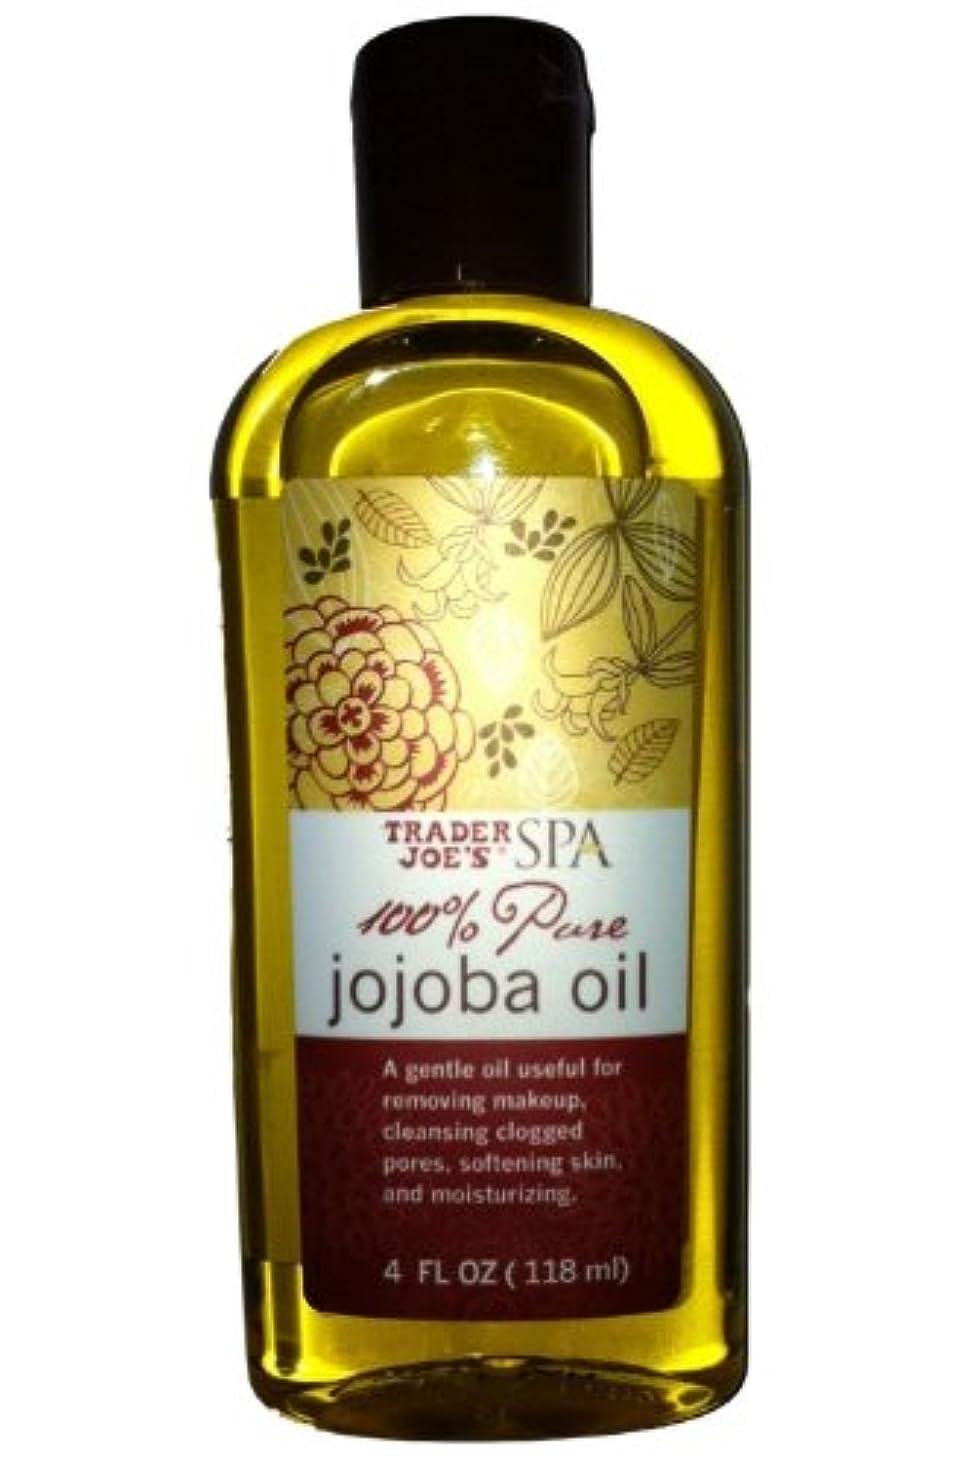 一見振動する荒らすトレーダージョーズ 100%ピュア ホホバオイル[並行輸入品] Trader Joe's SPA 100% Pure Jojoba Oil (4FL OZ/118ml)